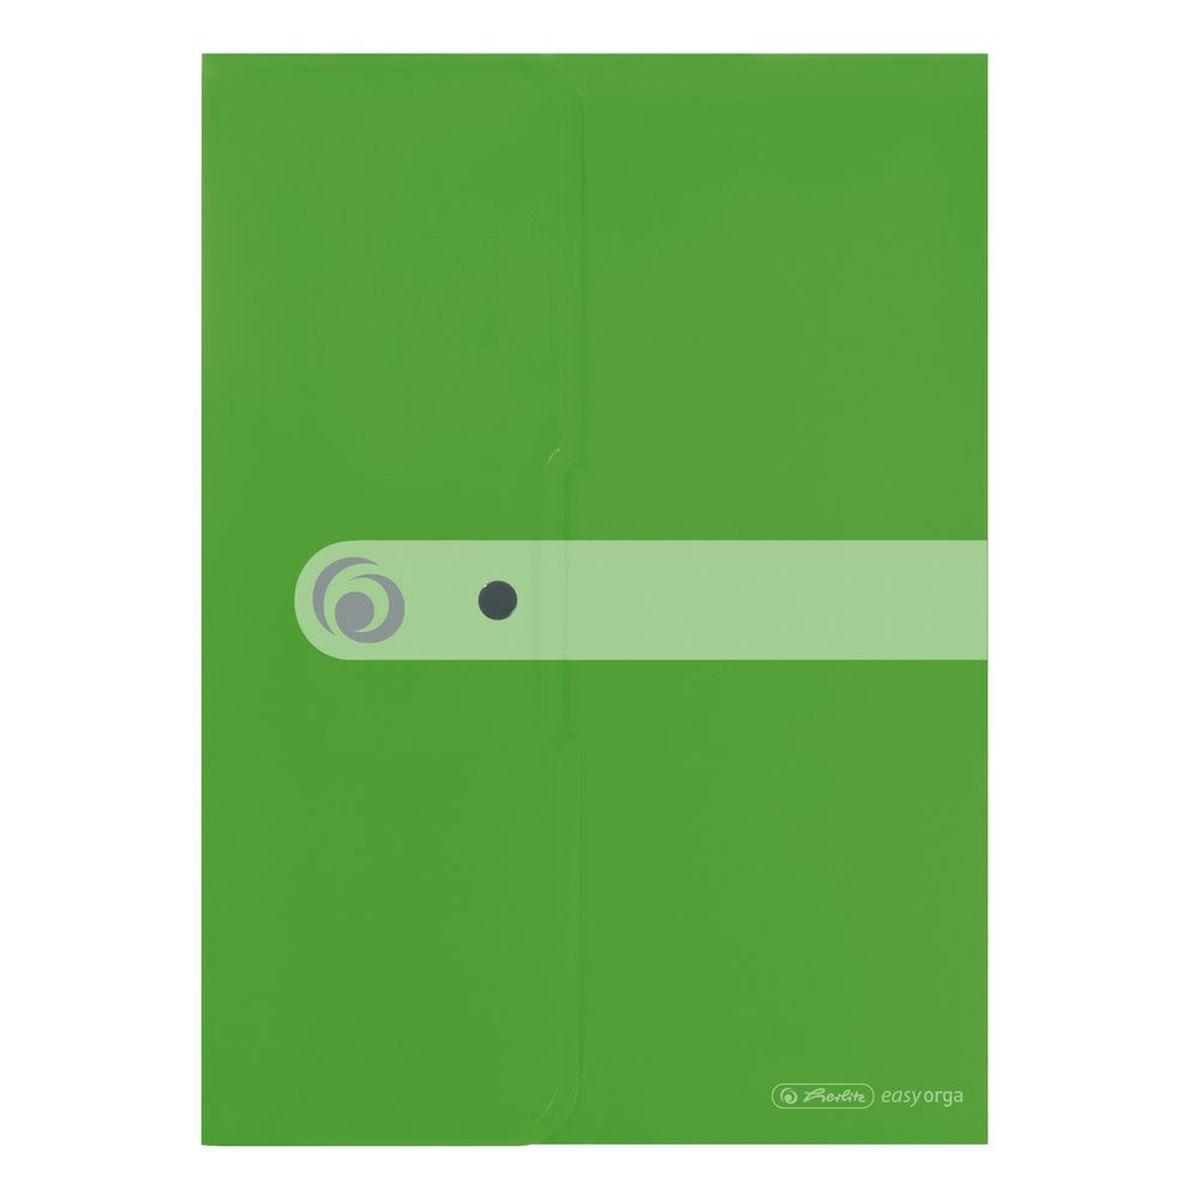 Herlitz Папка-конверт Easy orga формат A4 цвет зеленый